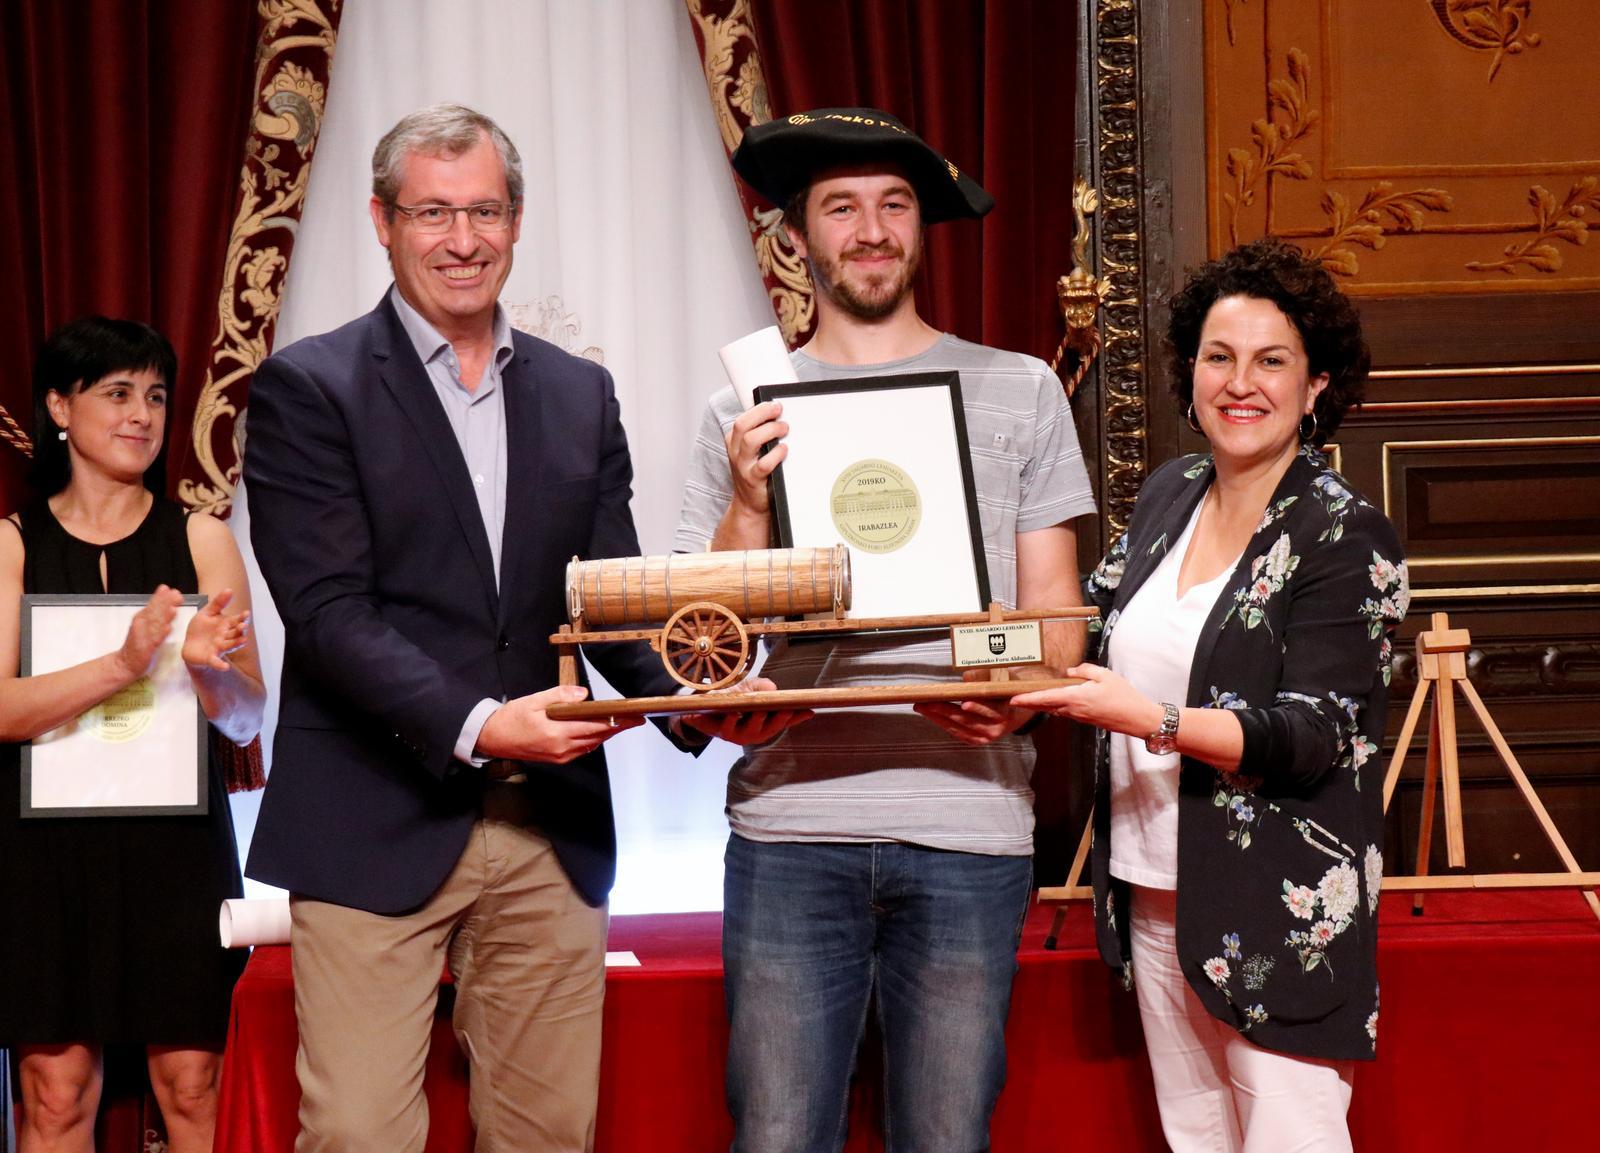 La sidrería Isastegi ha resultado vencedora en el XVIII Concurso de Sidra de la Diputación Foral de Gipuzkoa